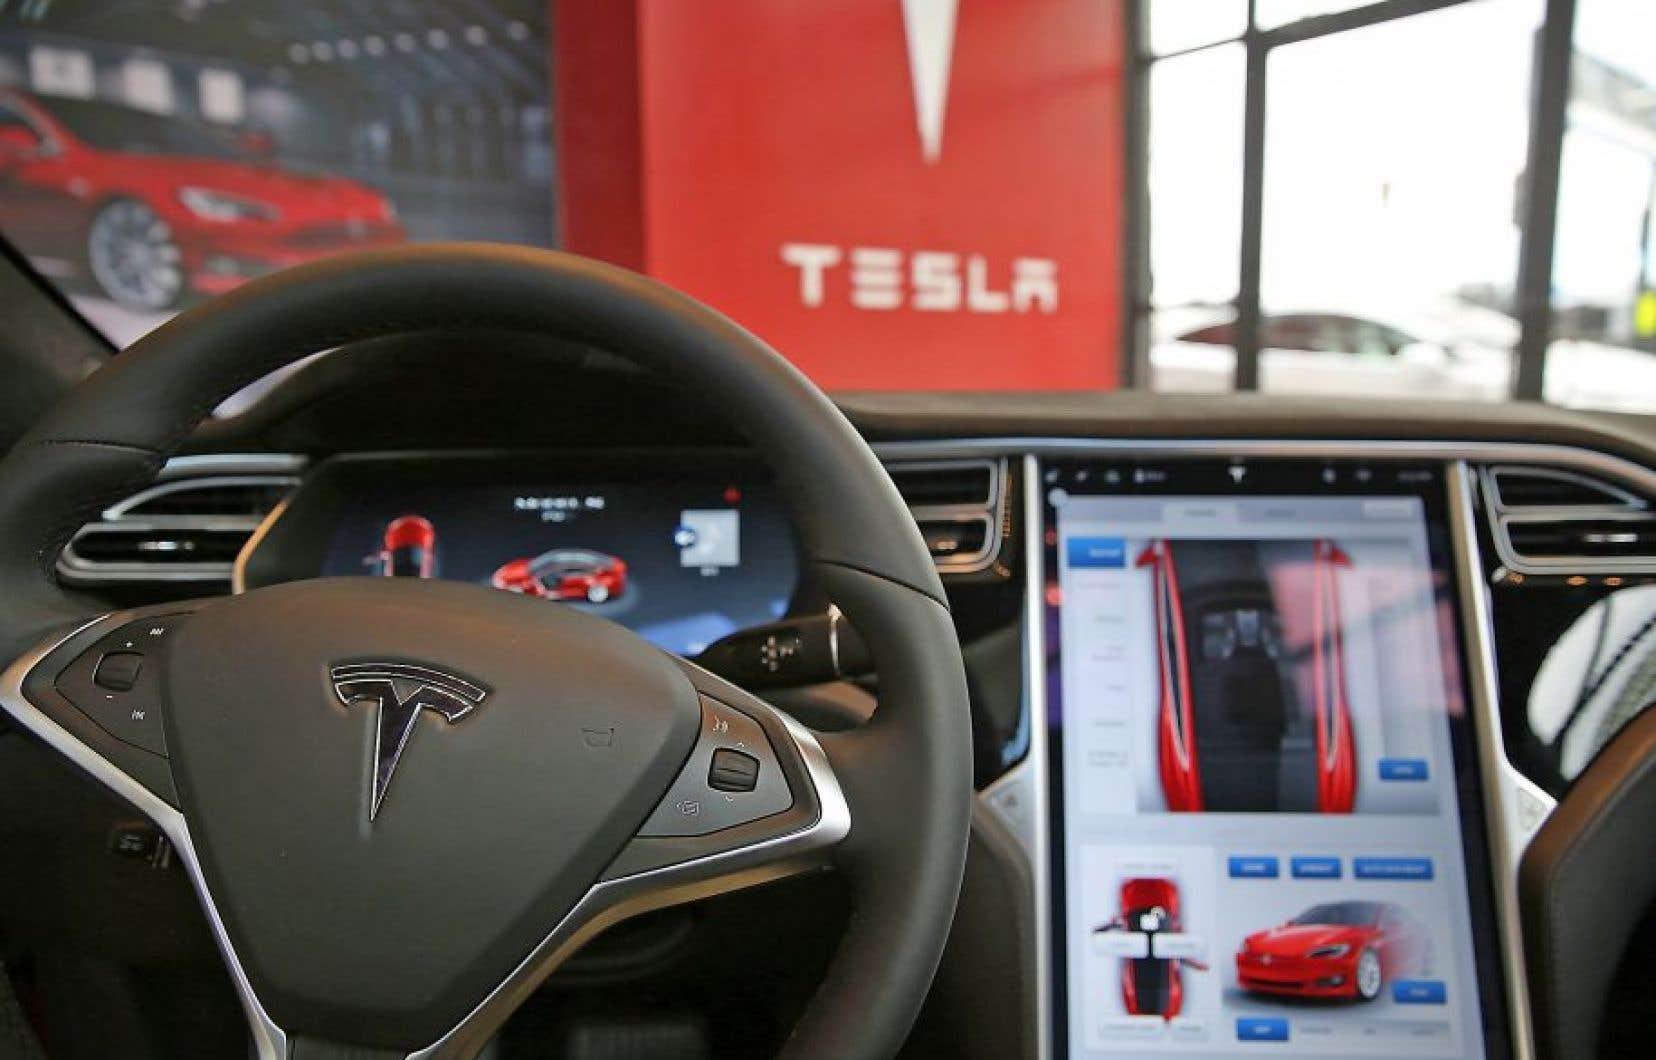 Tesla a commercialisé au Canada des modèles de voitures dotées de programmes pouvant permettre une conduite quasi autonome.